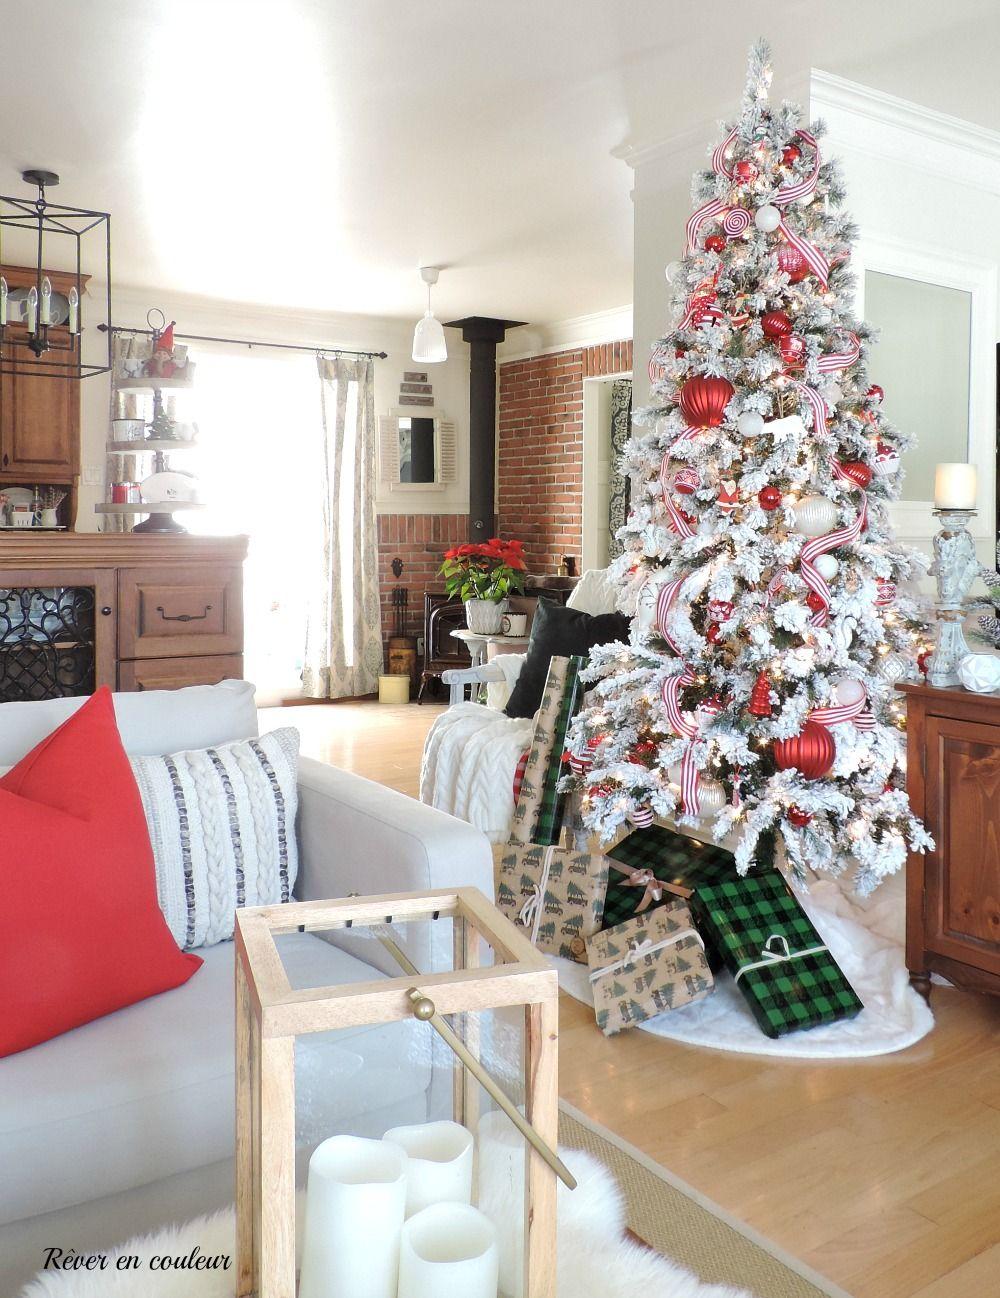 Noël en rouge et blanc dans le salon | Rouge et blanc, Salons de noël, Decoration noel